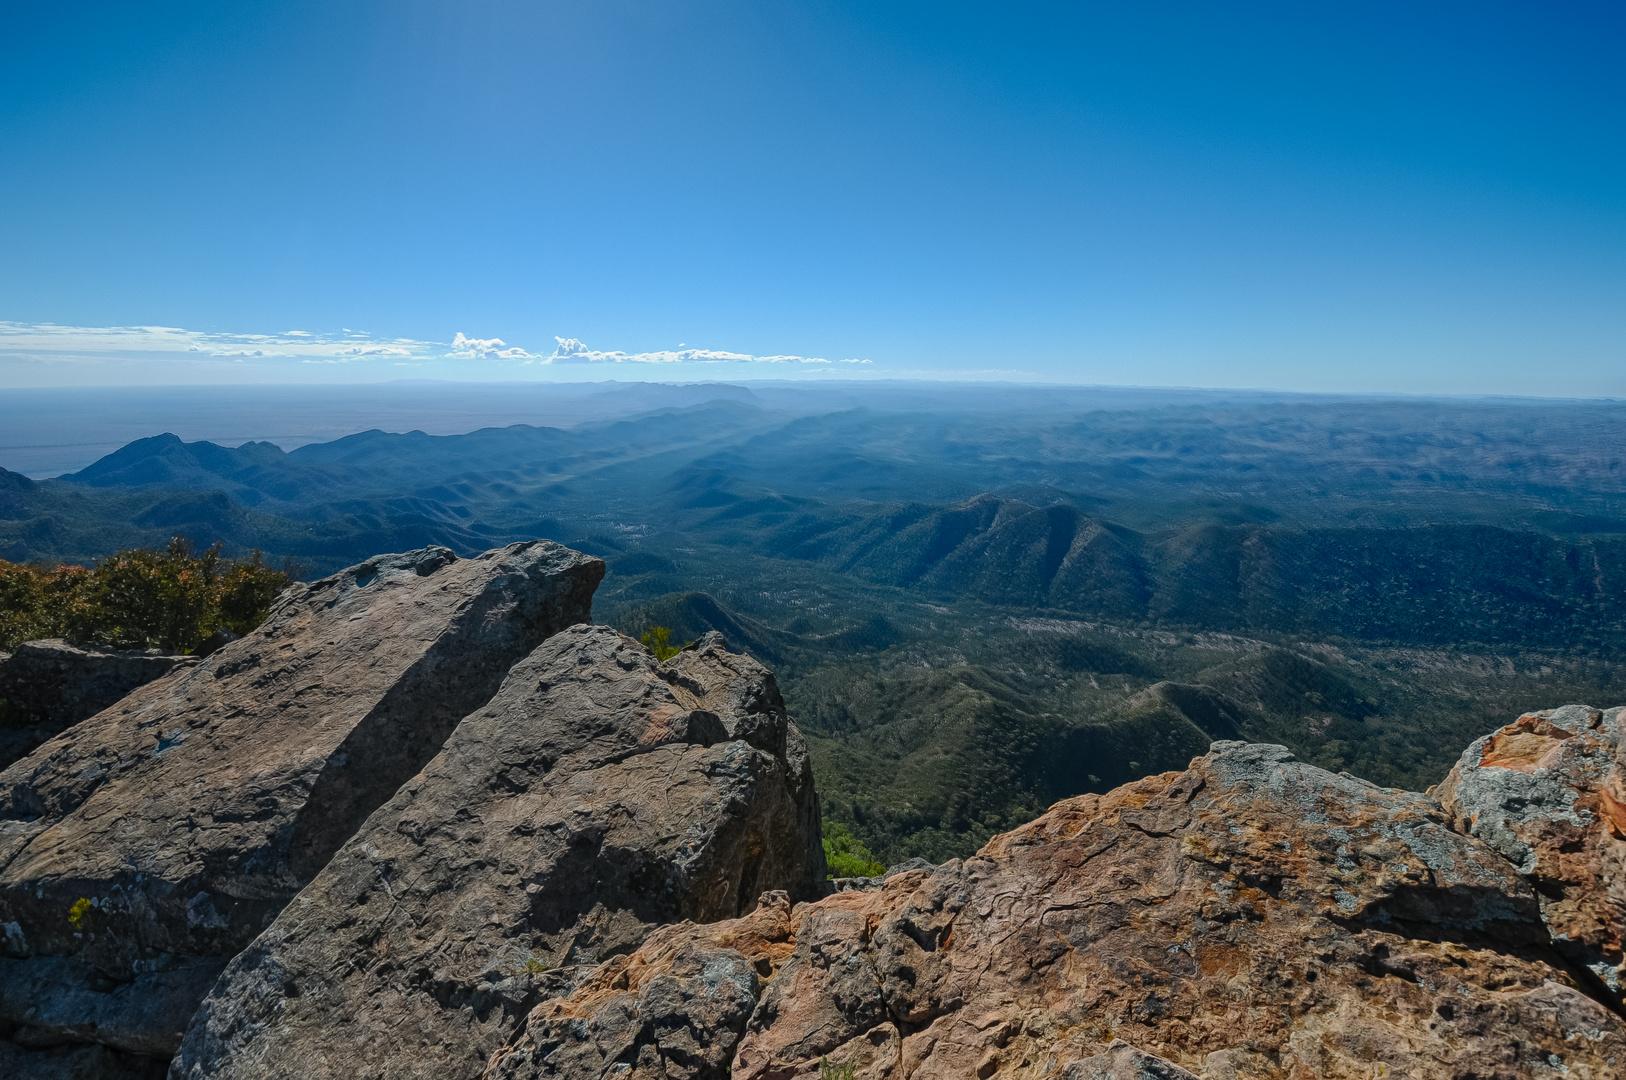 St. Mary Peak